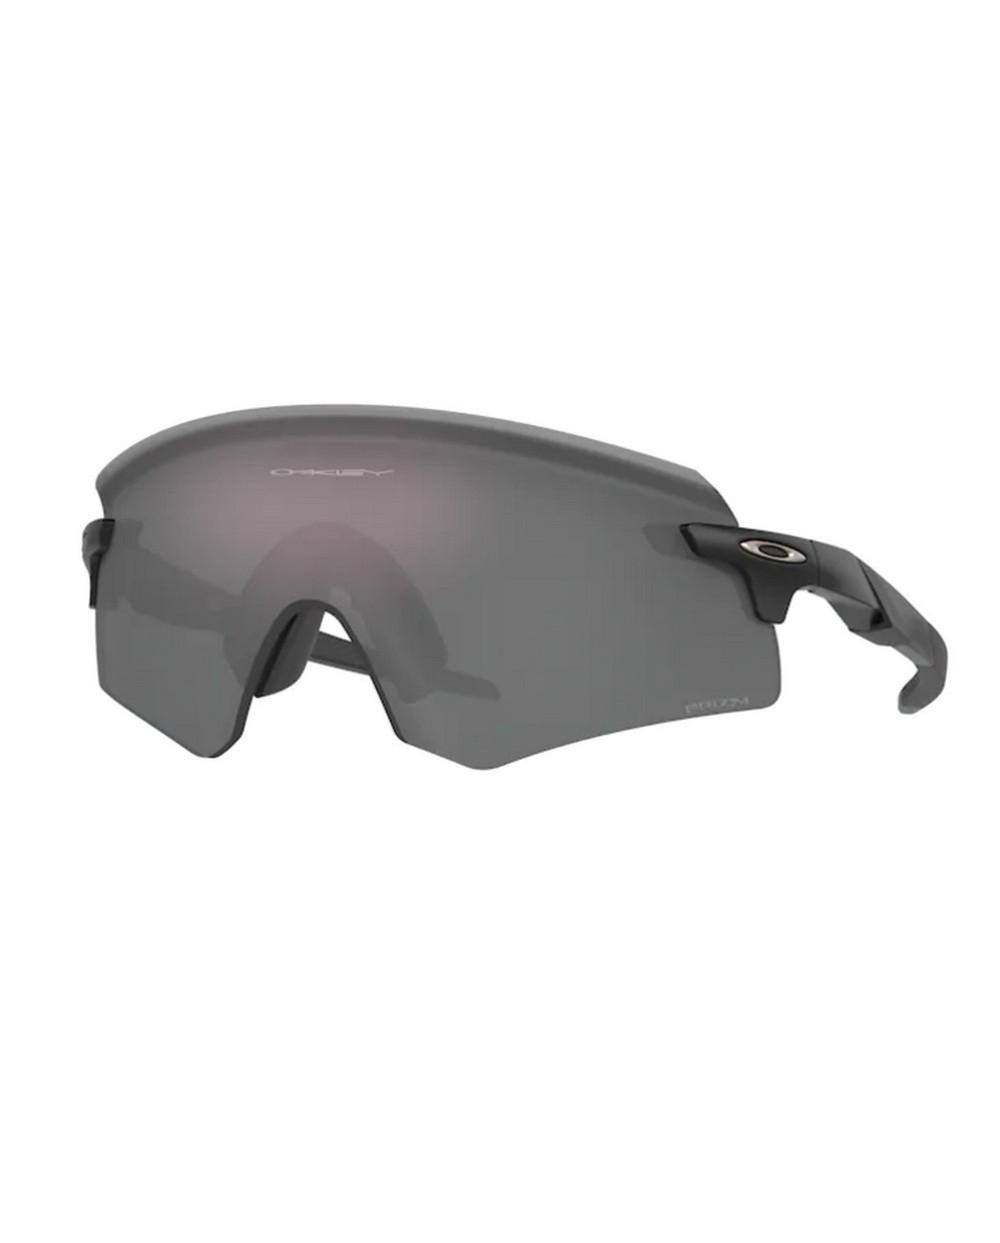 Occhiale da sole Oakley OO 9471 Encoder originale garanzia italia